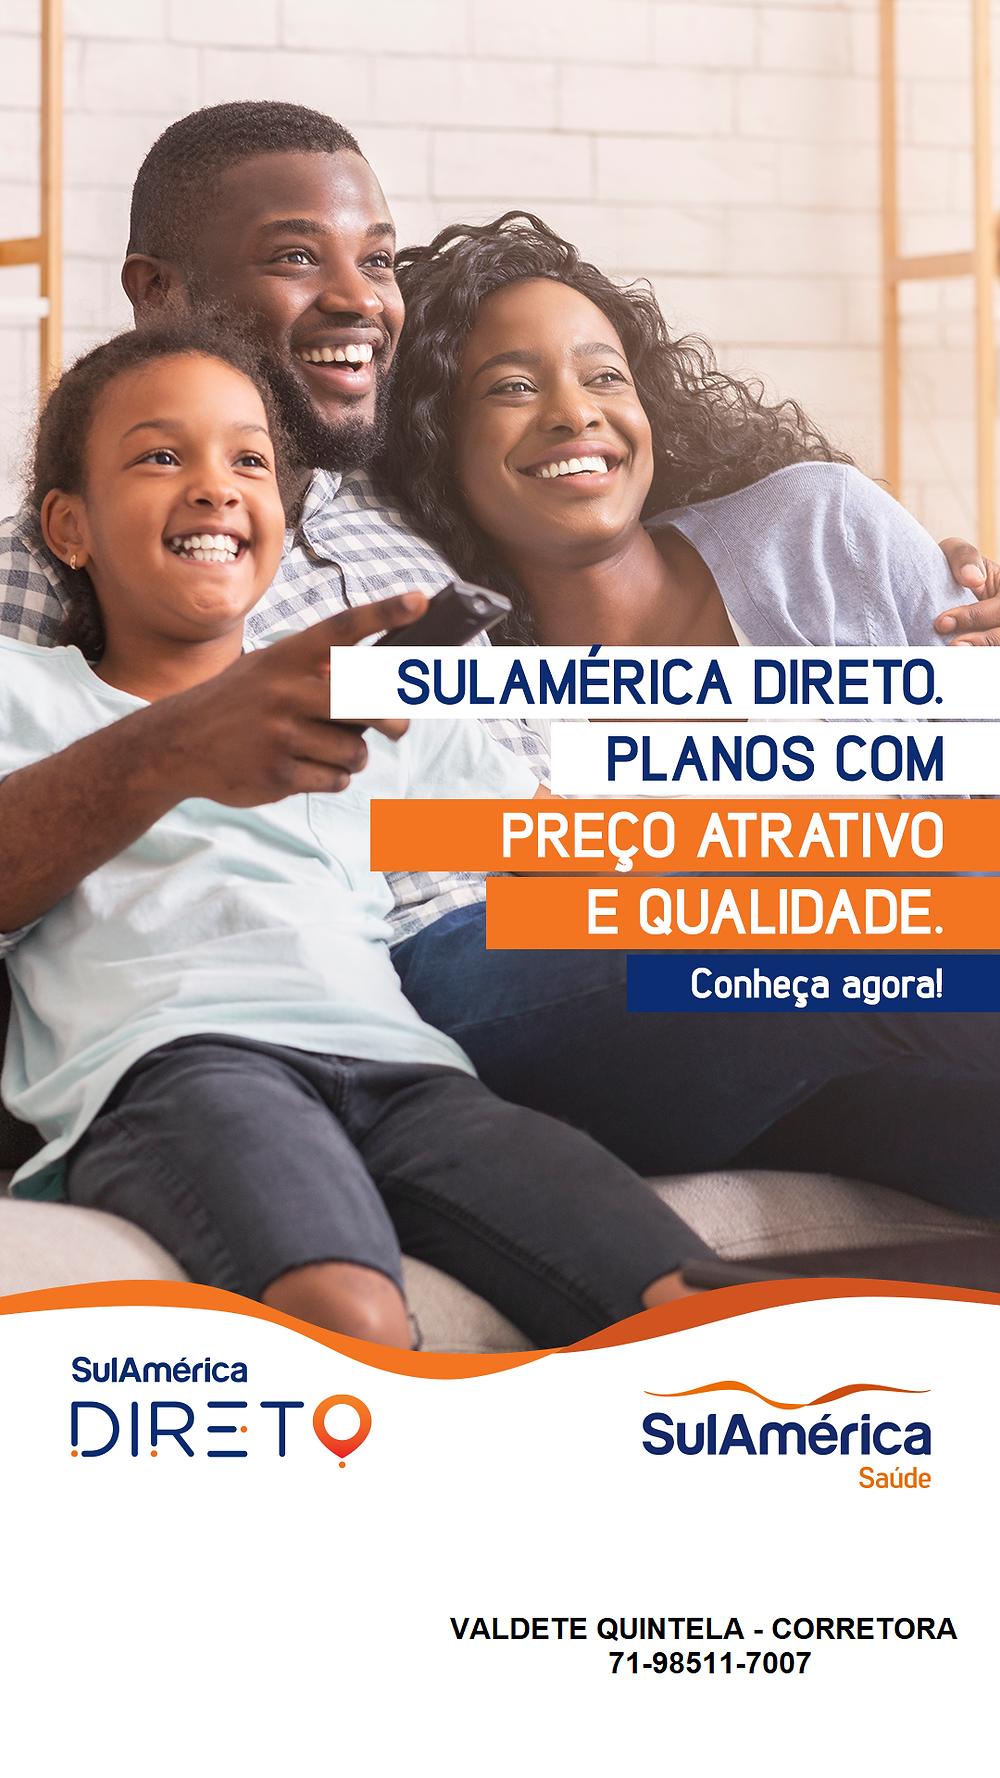 02 a 99 vidas - SulAmerica Saúde - PME Direto